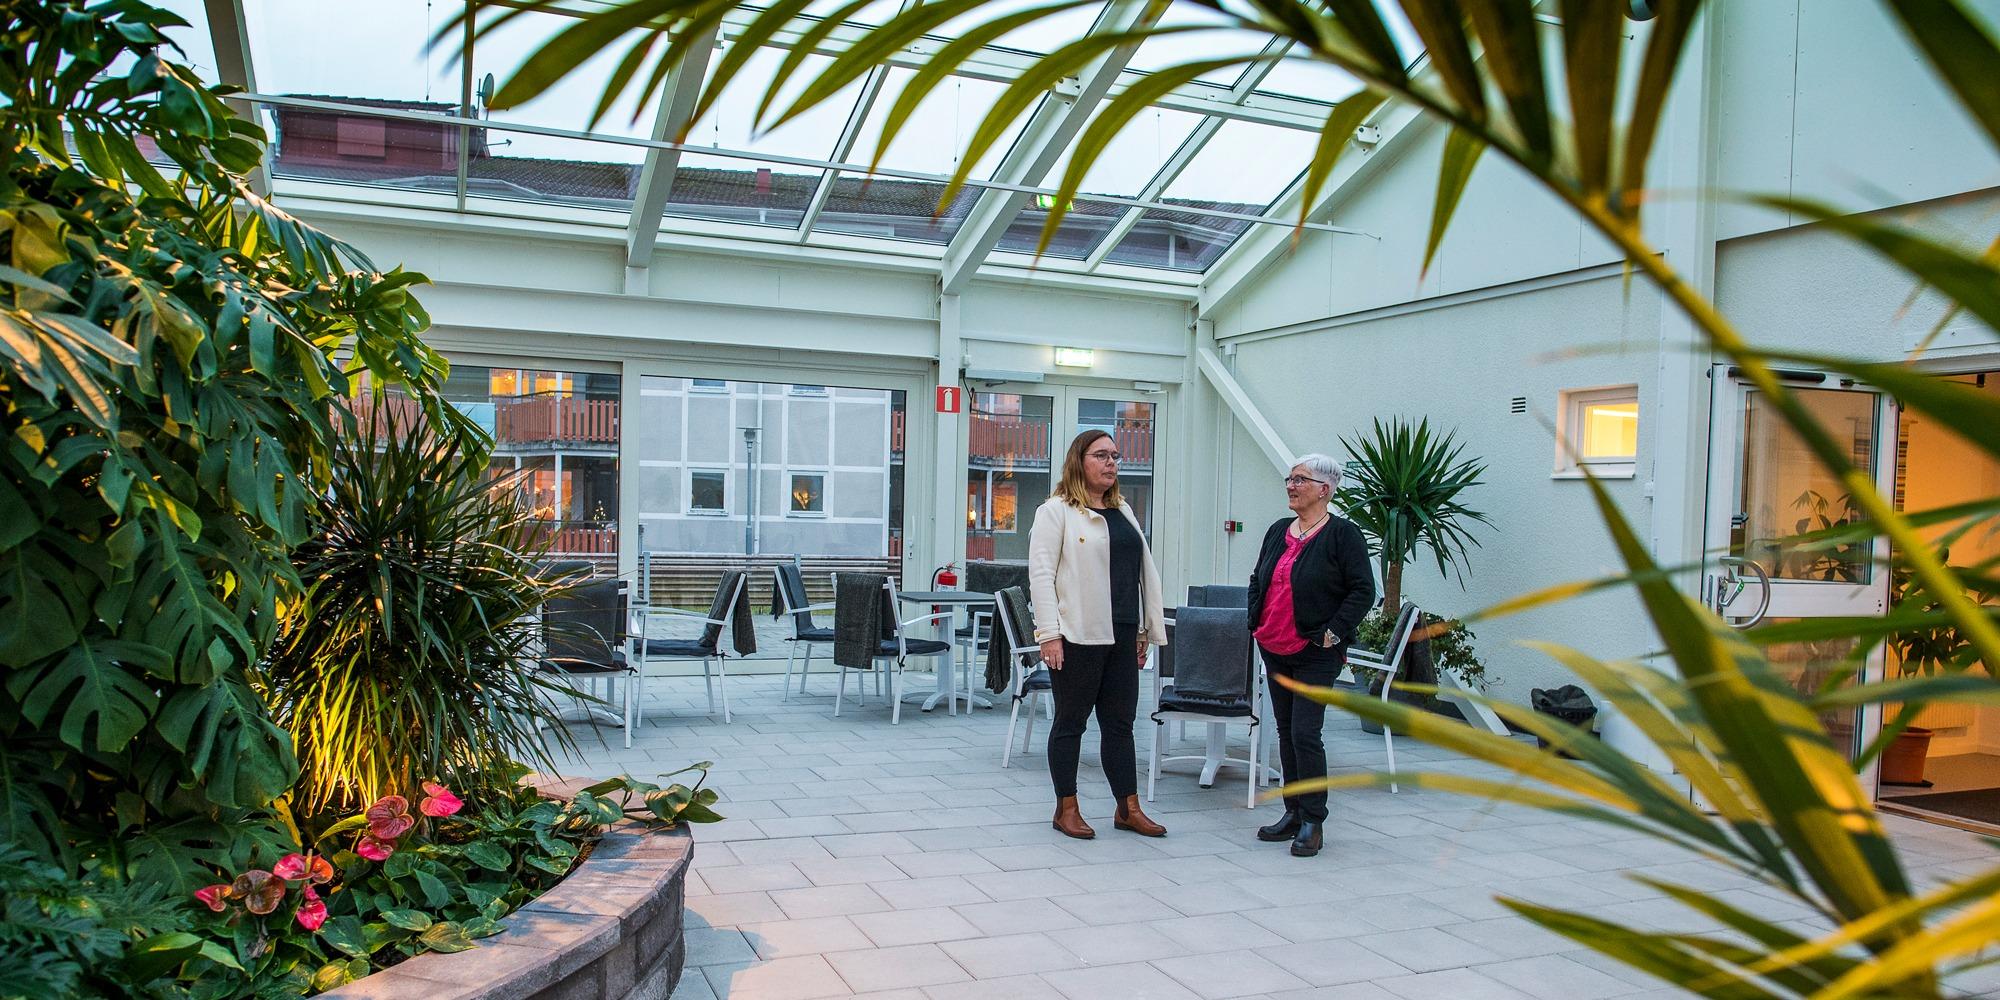 Vinterträdgård Emmaboda allaktivitetshus Loket